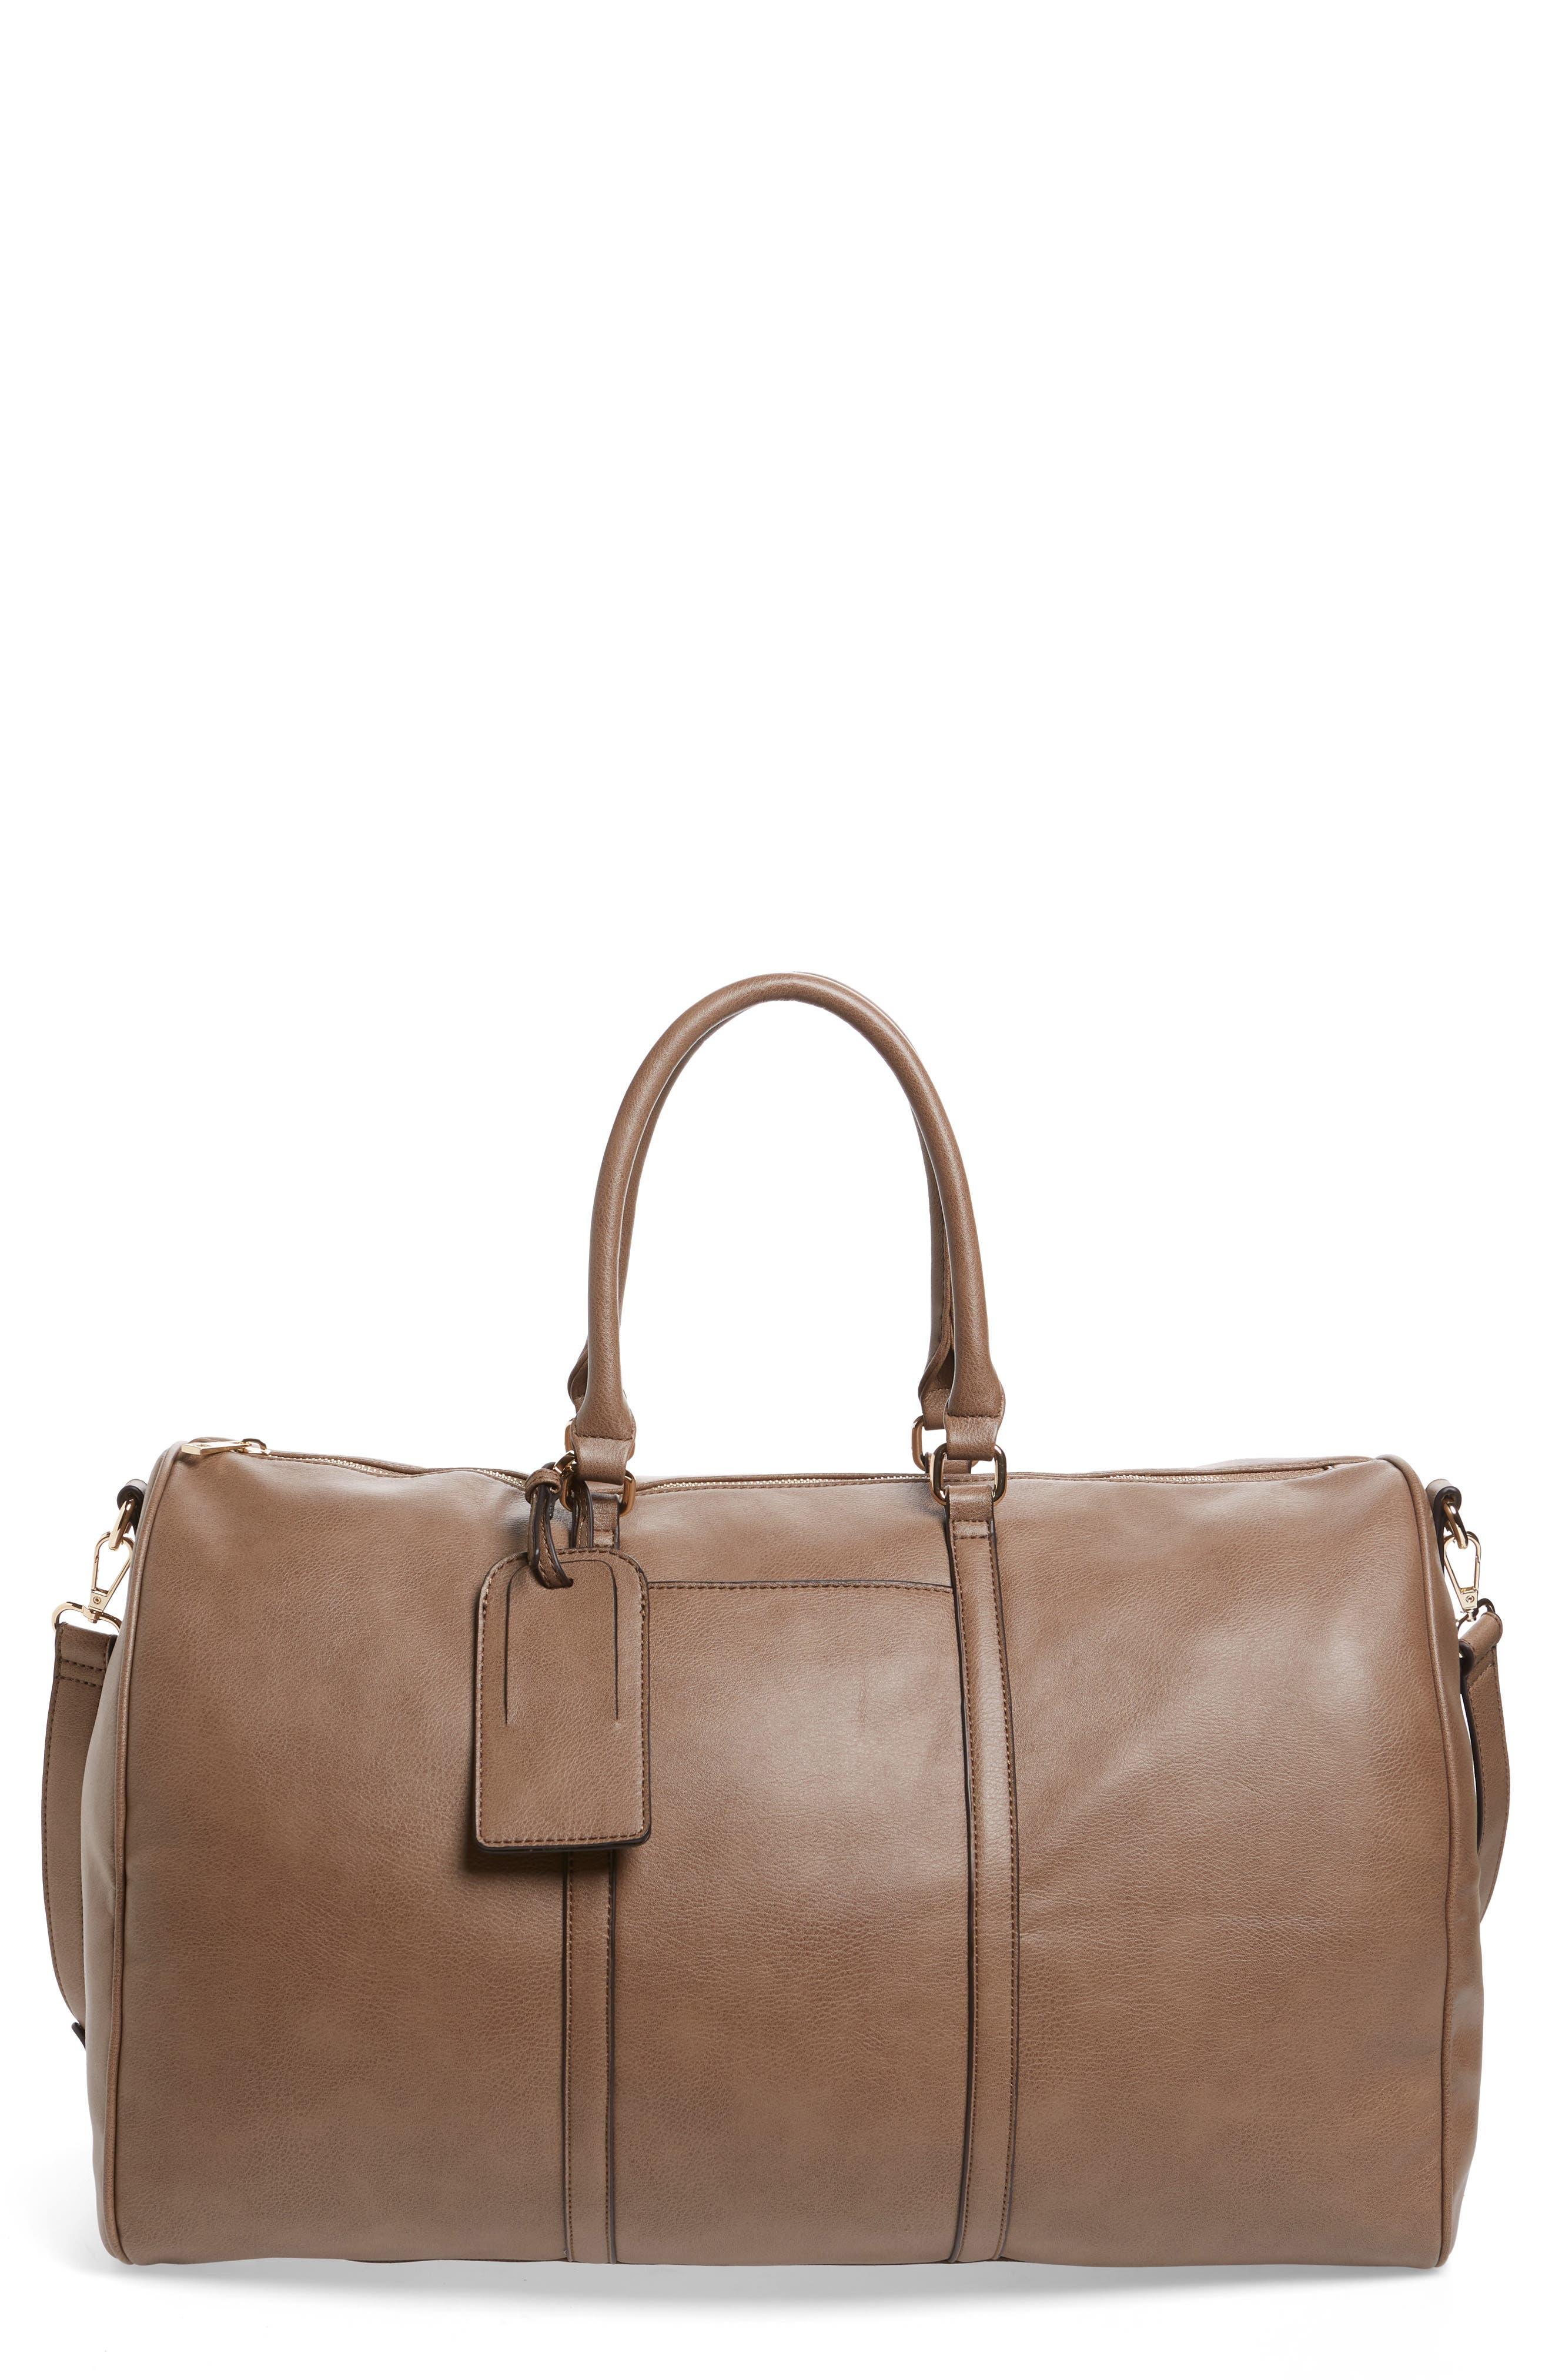 'Lacie' Faux Leather Duffel Bag,                             Main thumbnail 1, color,                             022